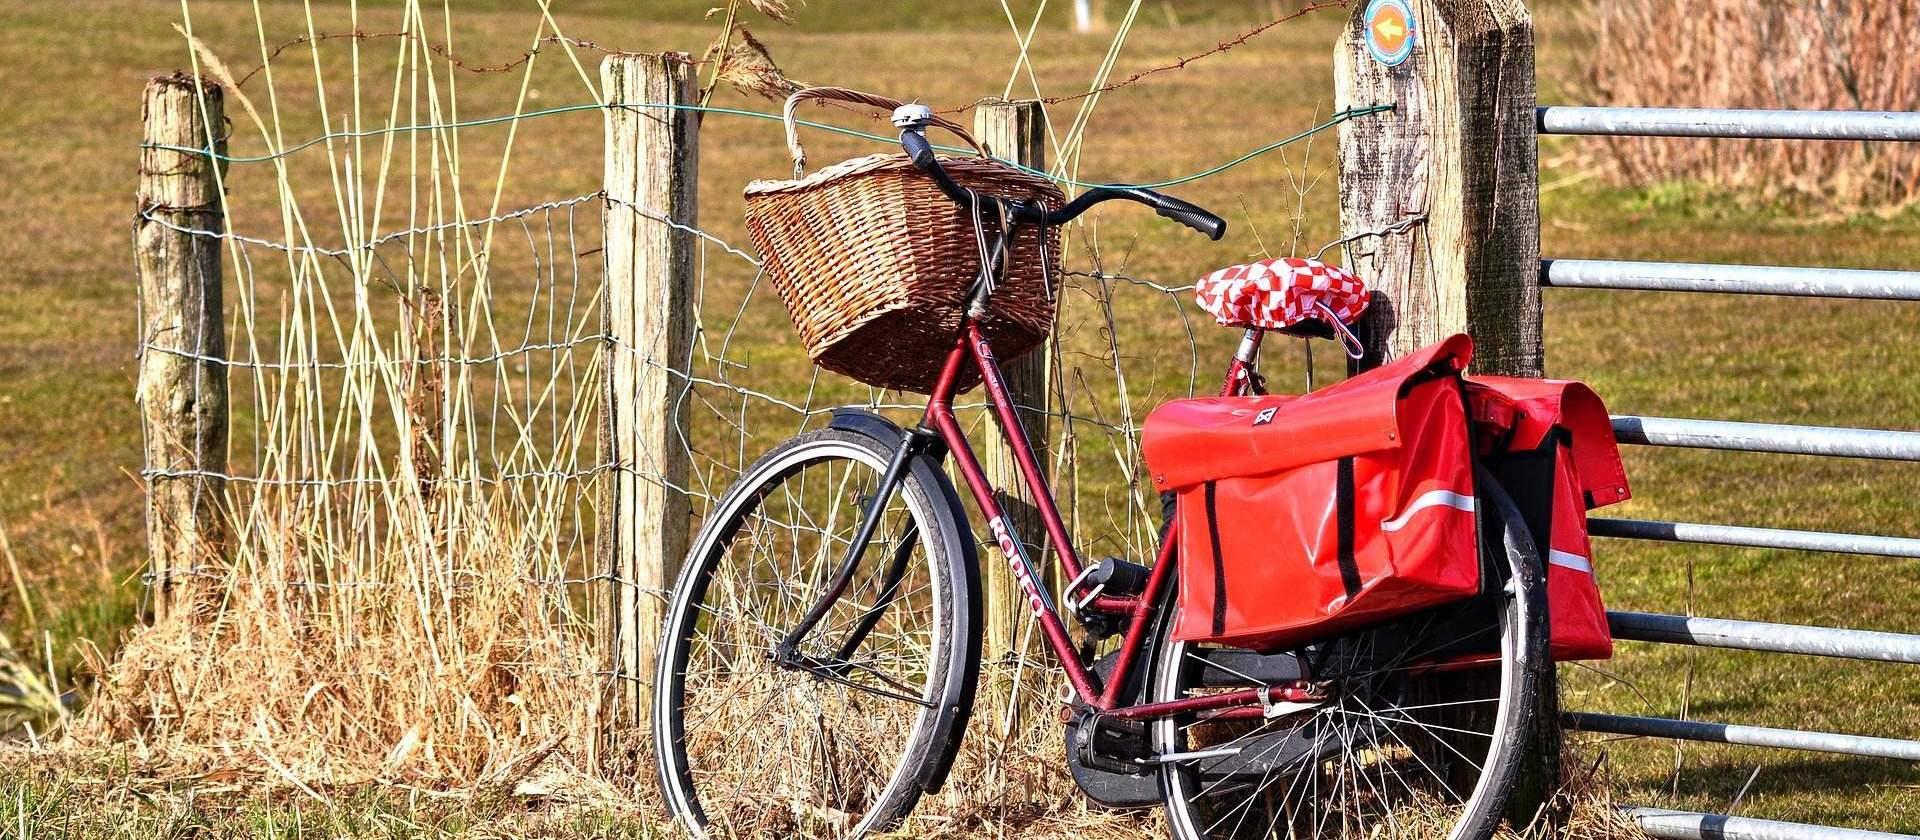 Geniet van een leuke en sportieve fietsreis! Bekijk ons uitgebreid aanbod hier....